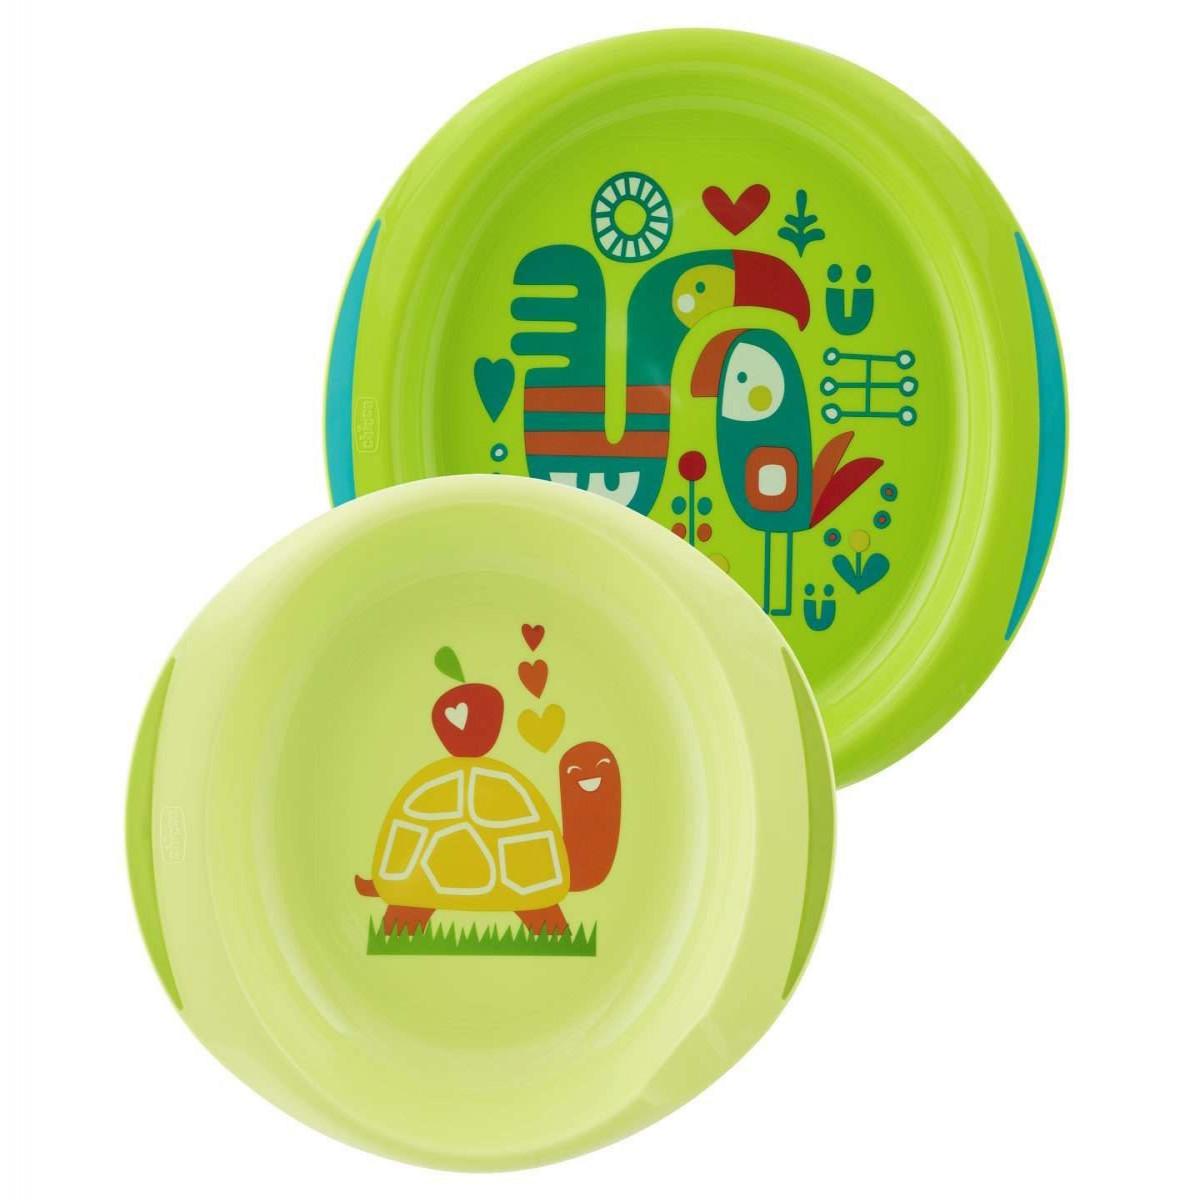 Set de platos 12m+ Chicco verde